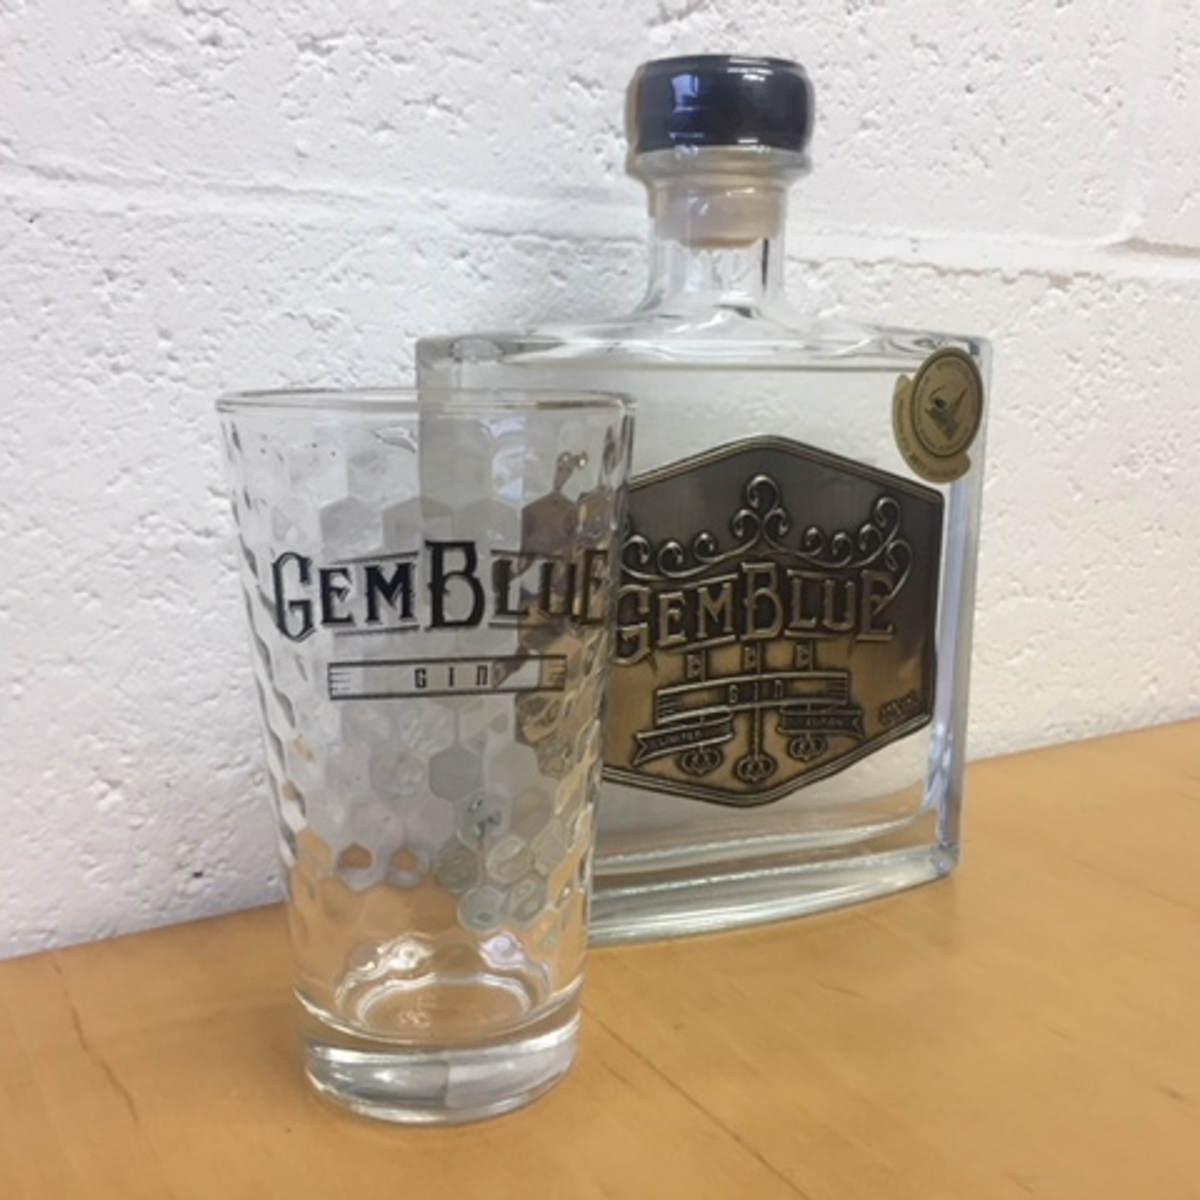 gin belge verre gemblue gin distillerie belge wave distil. Black Bedroom Furniture Sets. Home Design Ideas